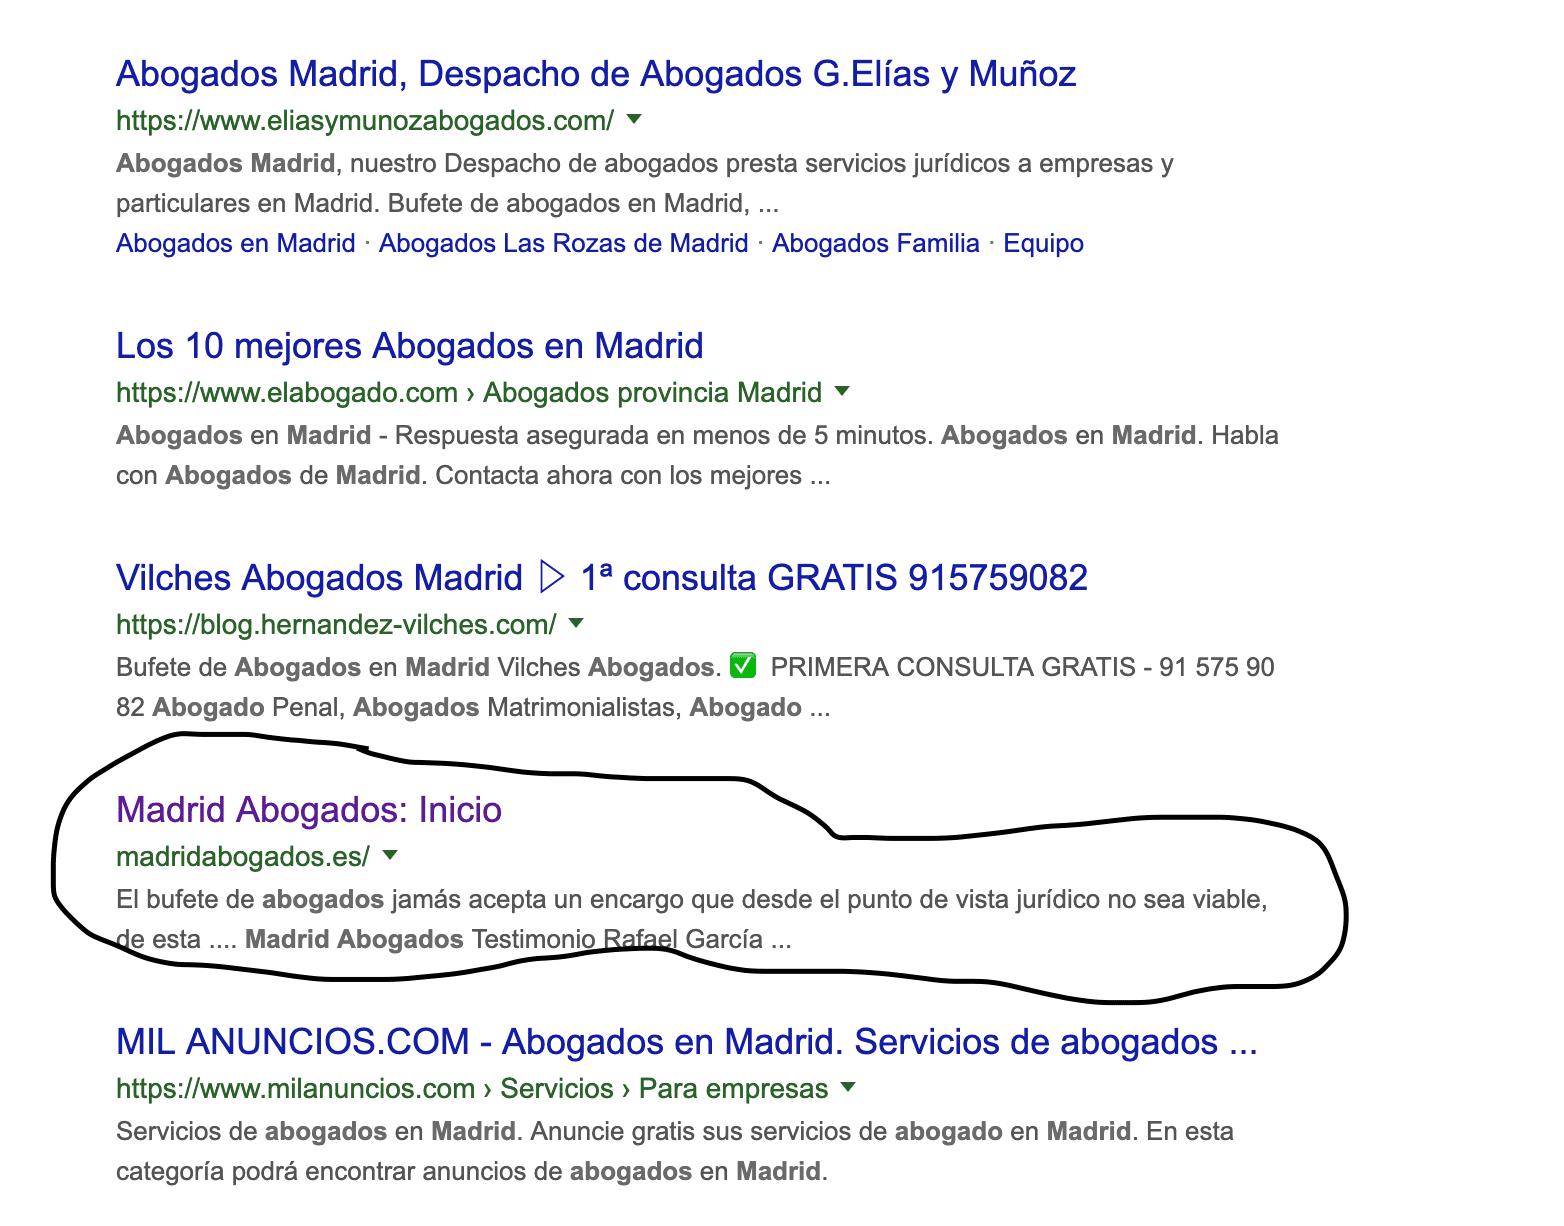 nicho abogados madrid